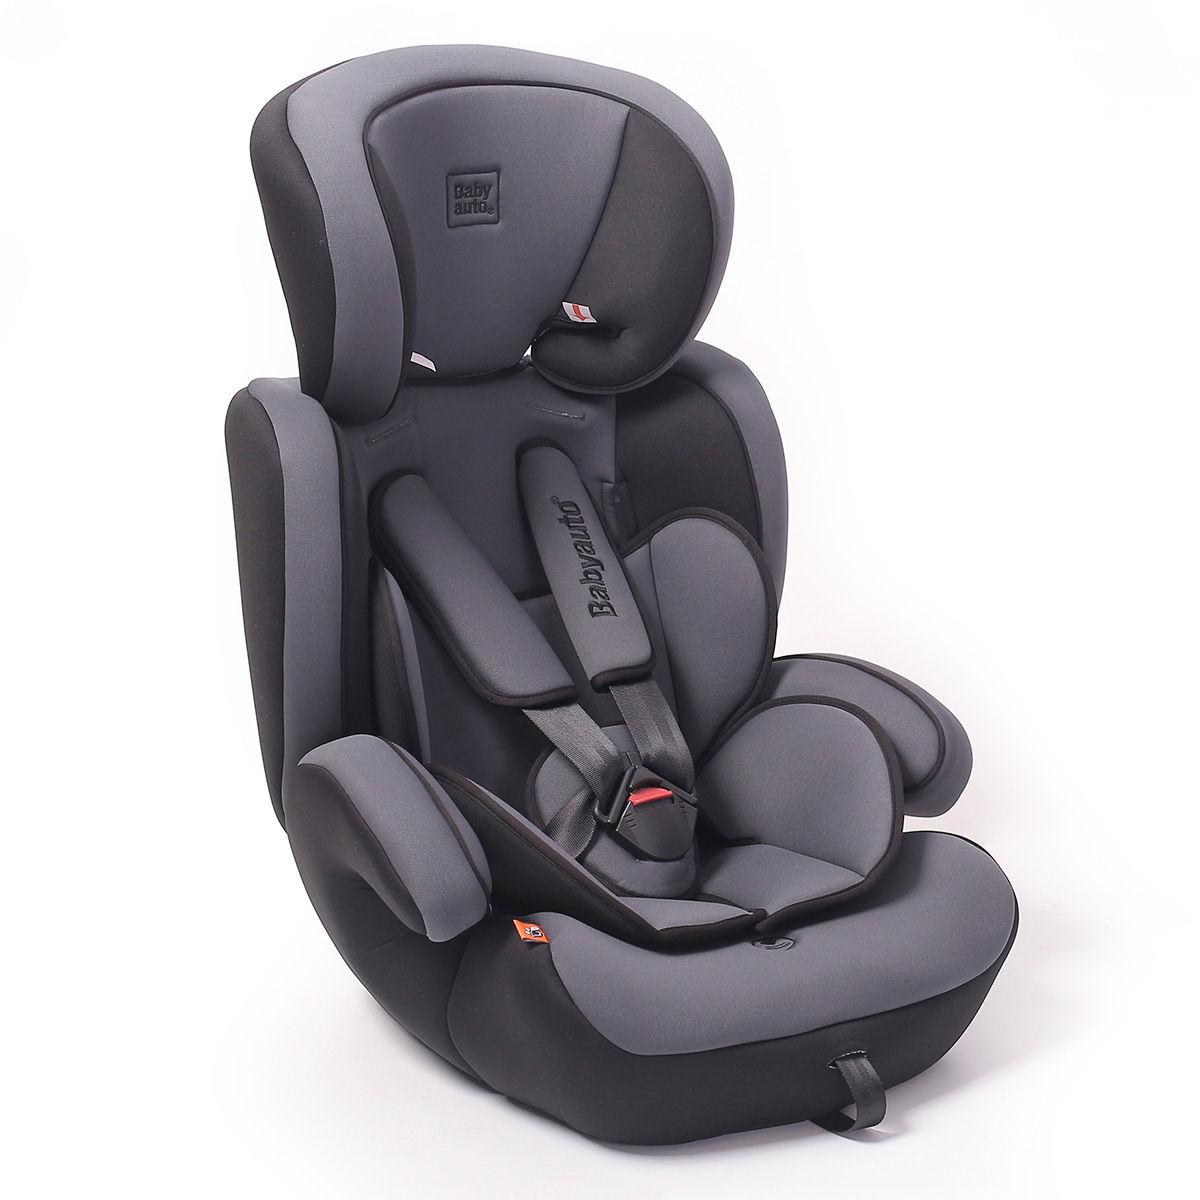 Afbeelding van Autostoel Babyauto Konar Grijs (9-36kg)